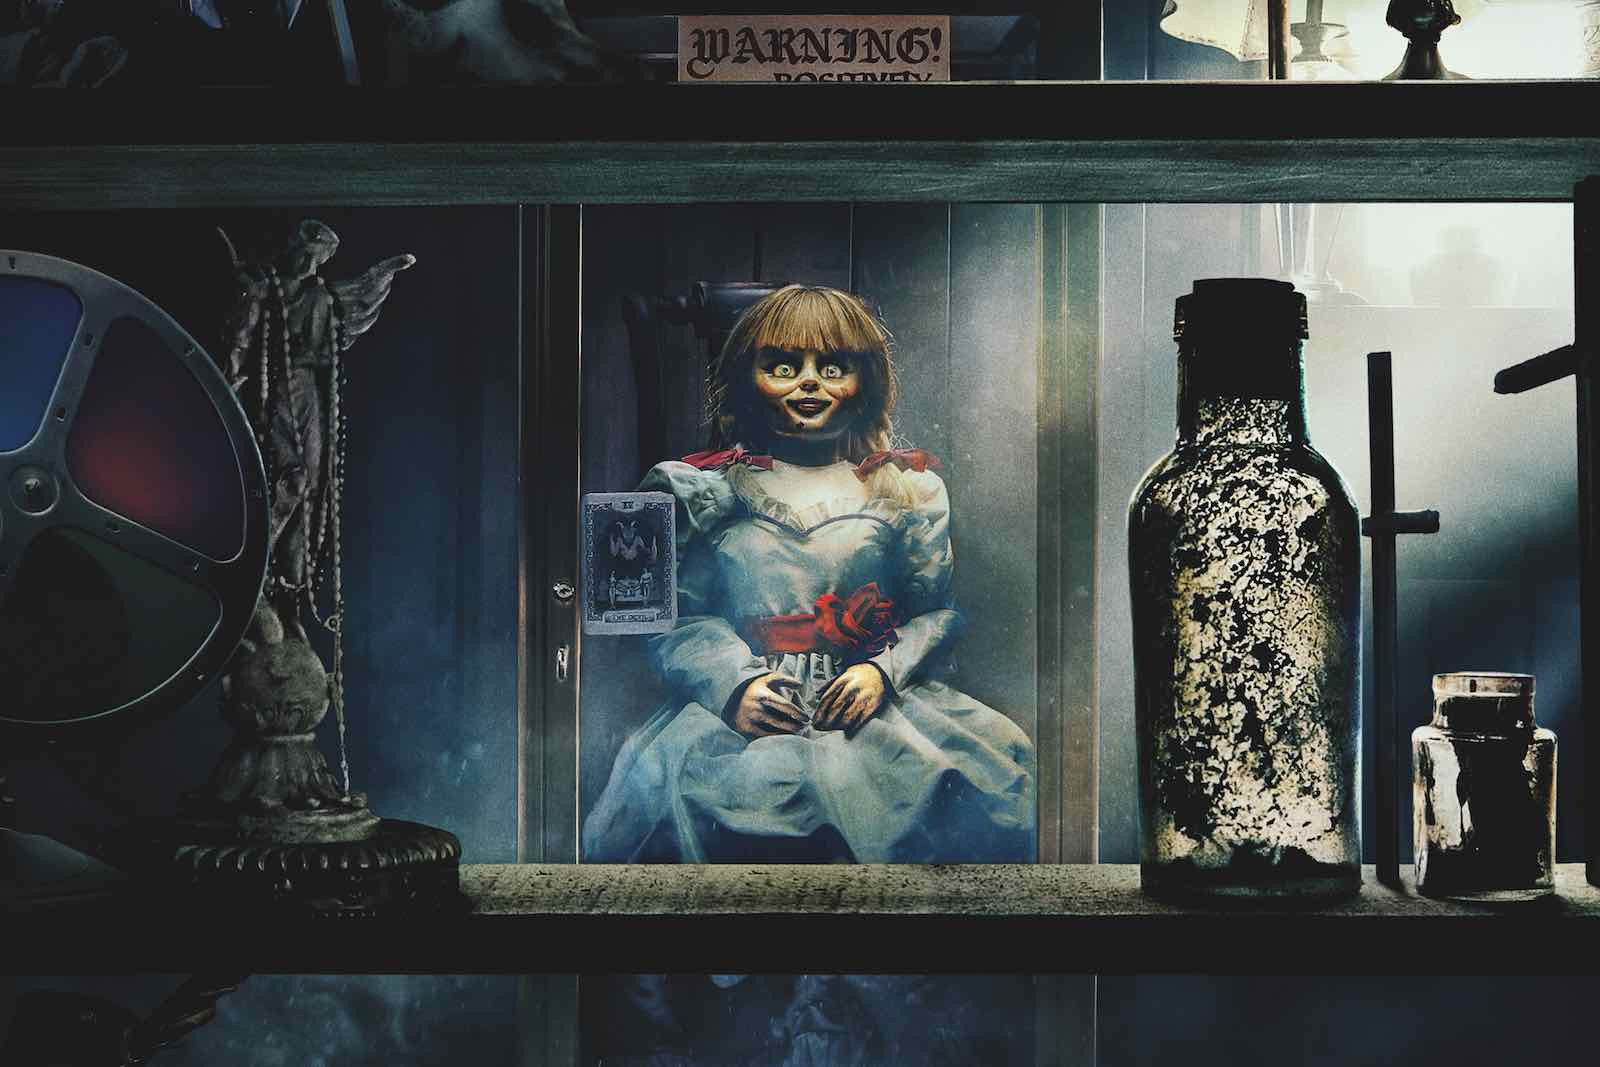 عروسک آنابل ؛ داستان واقعی عروسک ترسناکی که الهام بخش The Conjuring شد